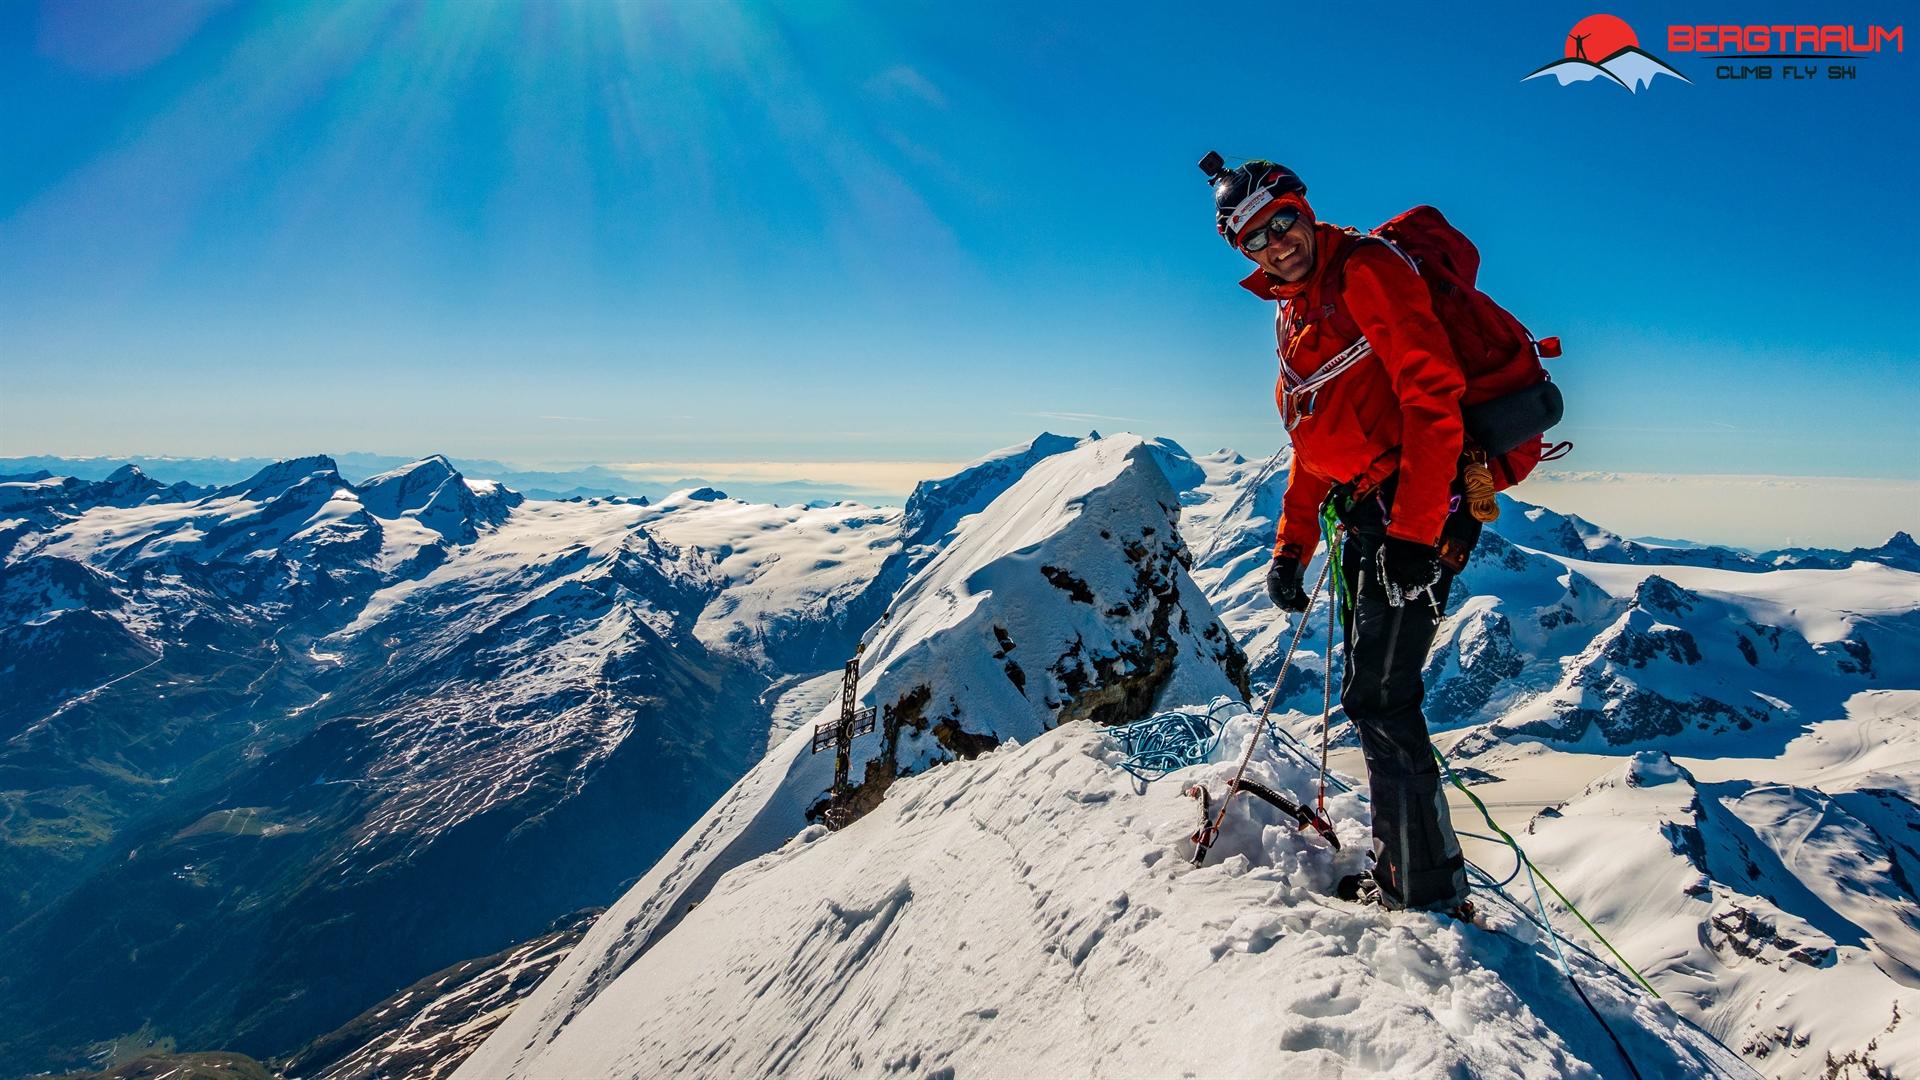 DA_1906_Michael_MatterhornNordwand (89 von 115)